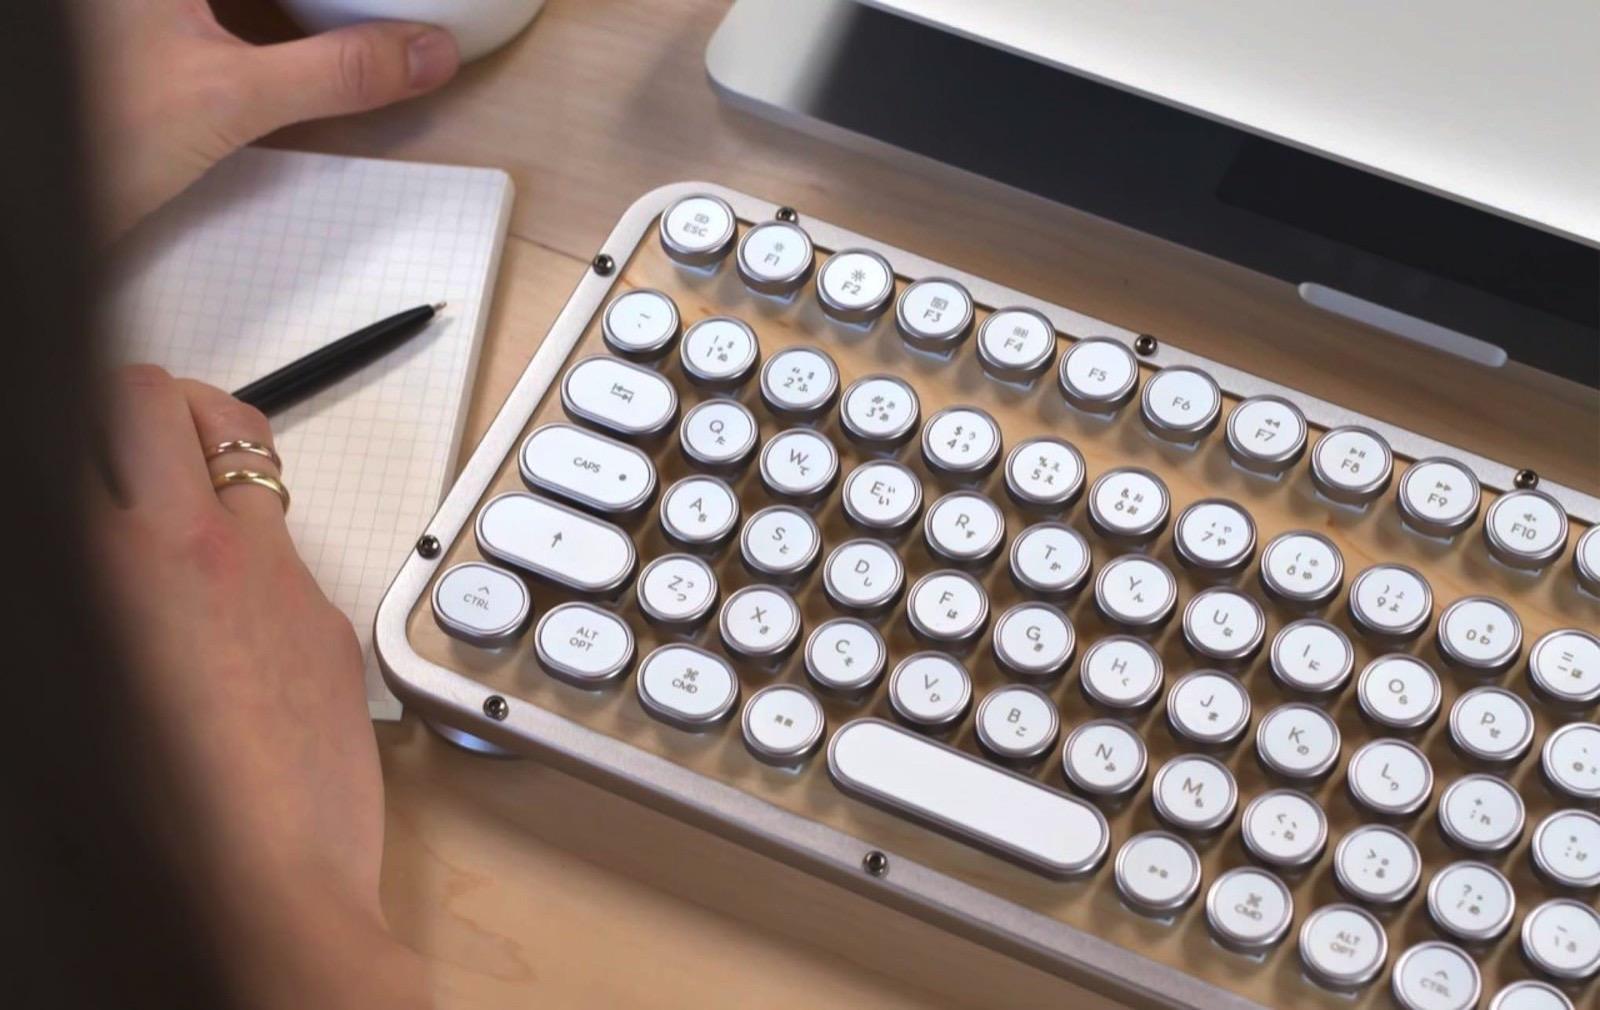 AZIO Retro Classic Keyboard 2